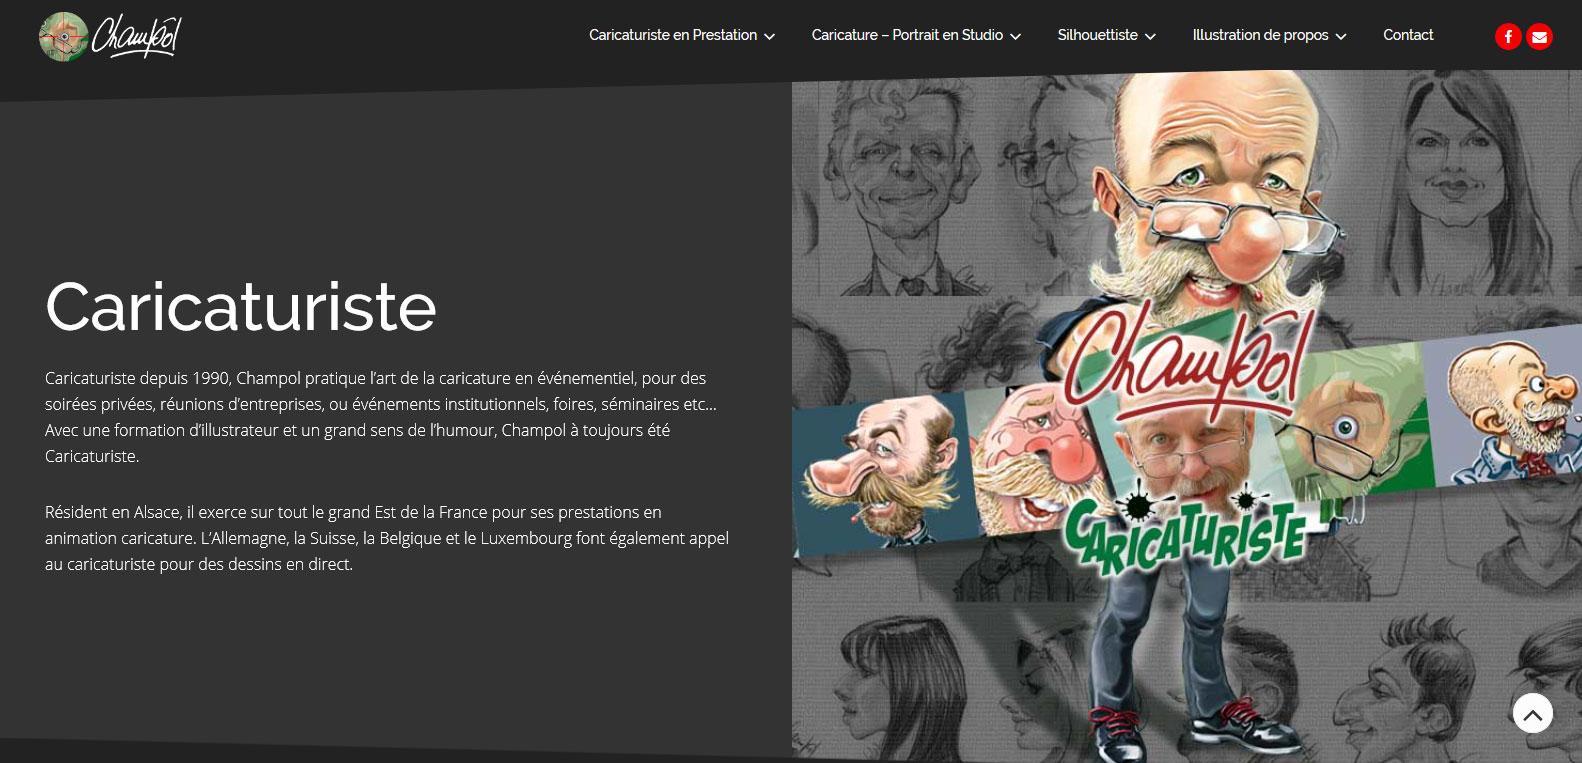 Champol, caricaturiste depuis 1990 et client fidèle de Karedess agency, agence web situé à Mulhouse